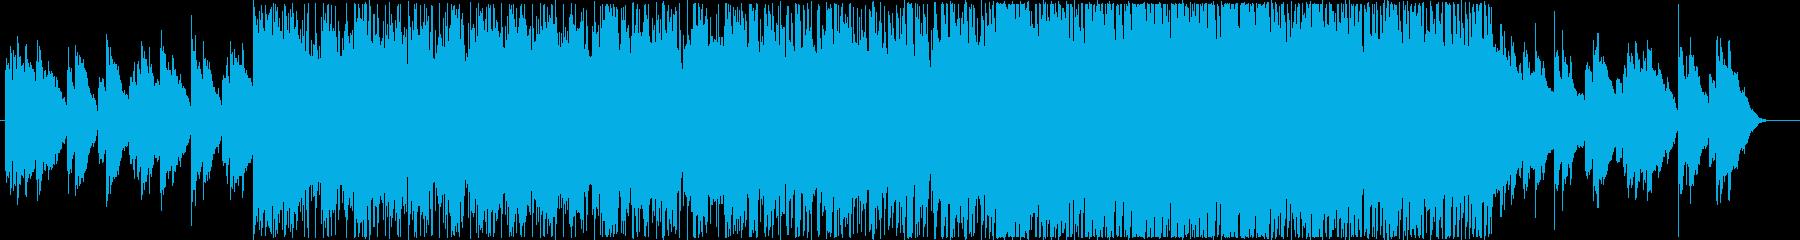 草原を駆け抜けるイメージのBGMの再生済みの波形